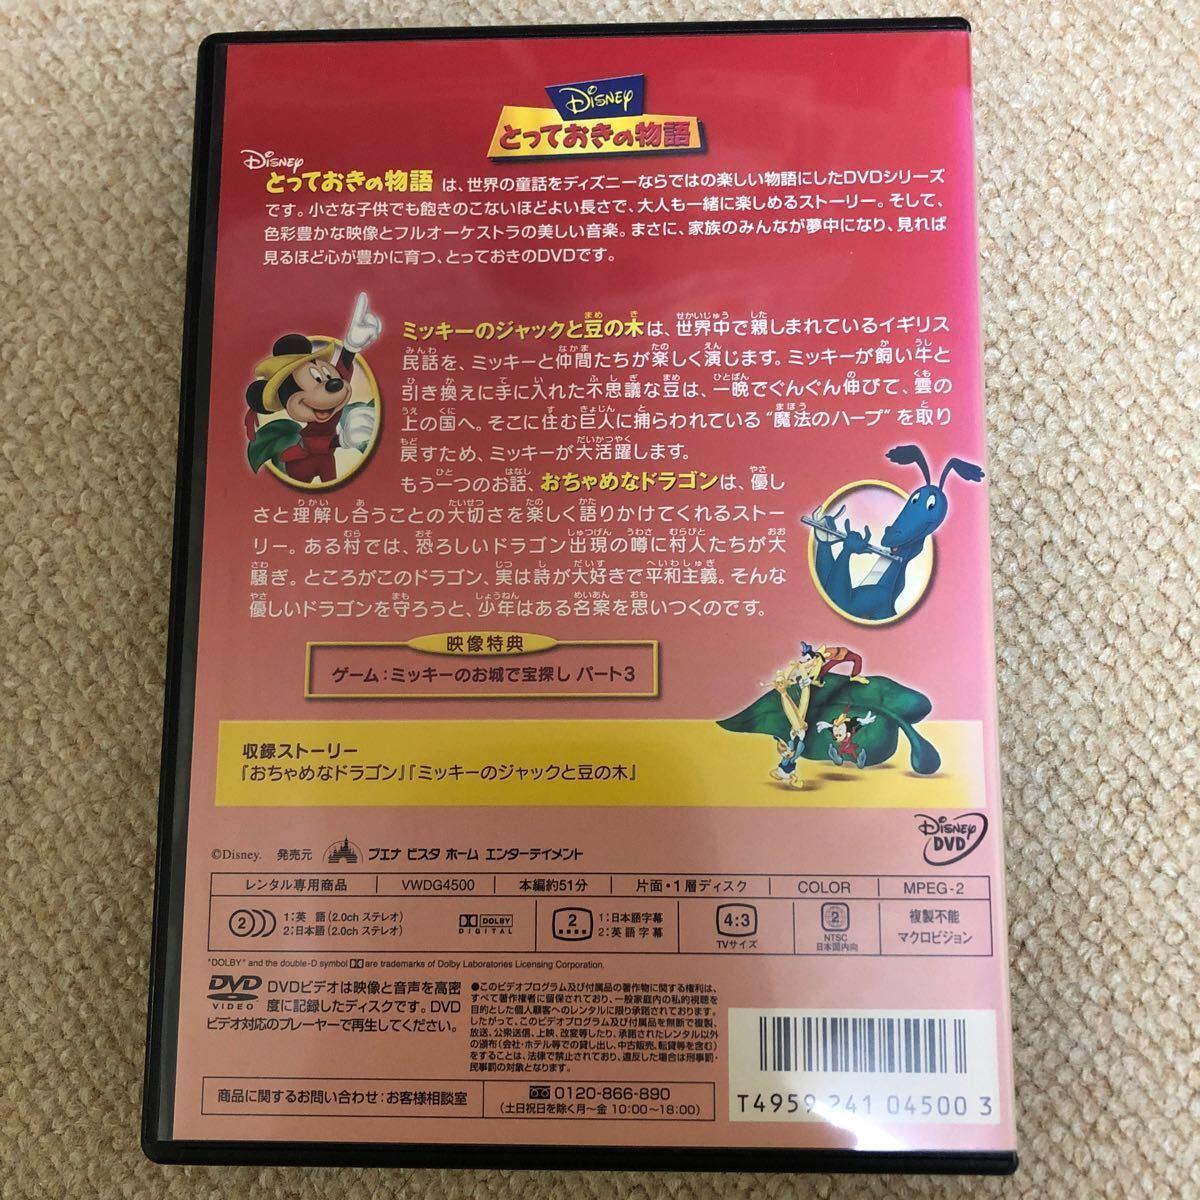 DVD ディズニー とっておきの物語 ミッキーのジャックと豆の木